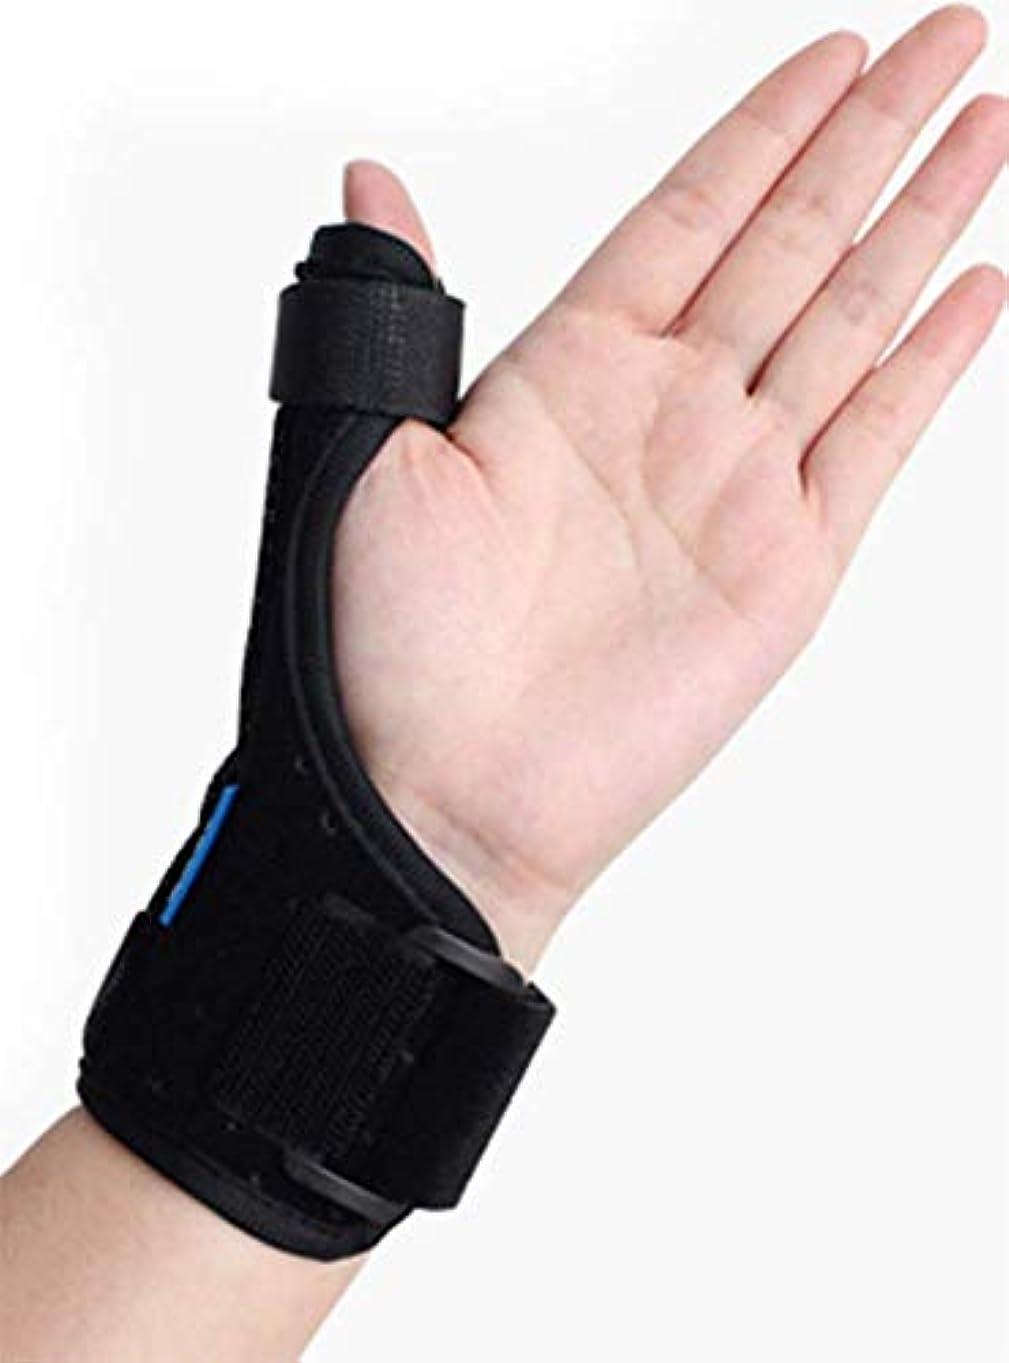 注釈スラムコーンウォール関節炎親指スプリント装具、手根管手首装具、親指イモビライザー、壊れた指/腱炎/急性捻/のためのトリガー指スプリント (標準)